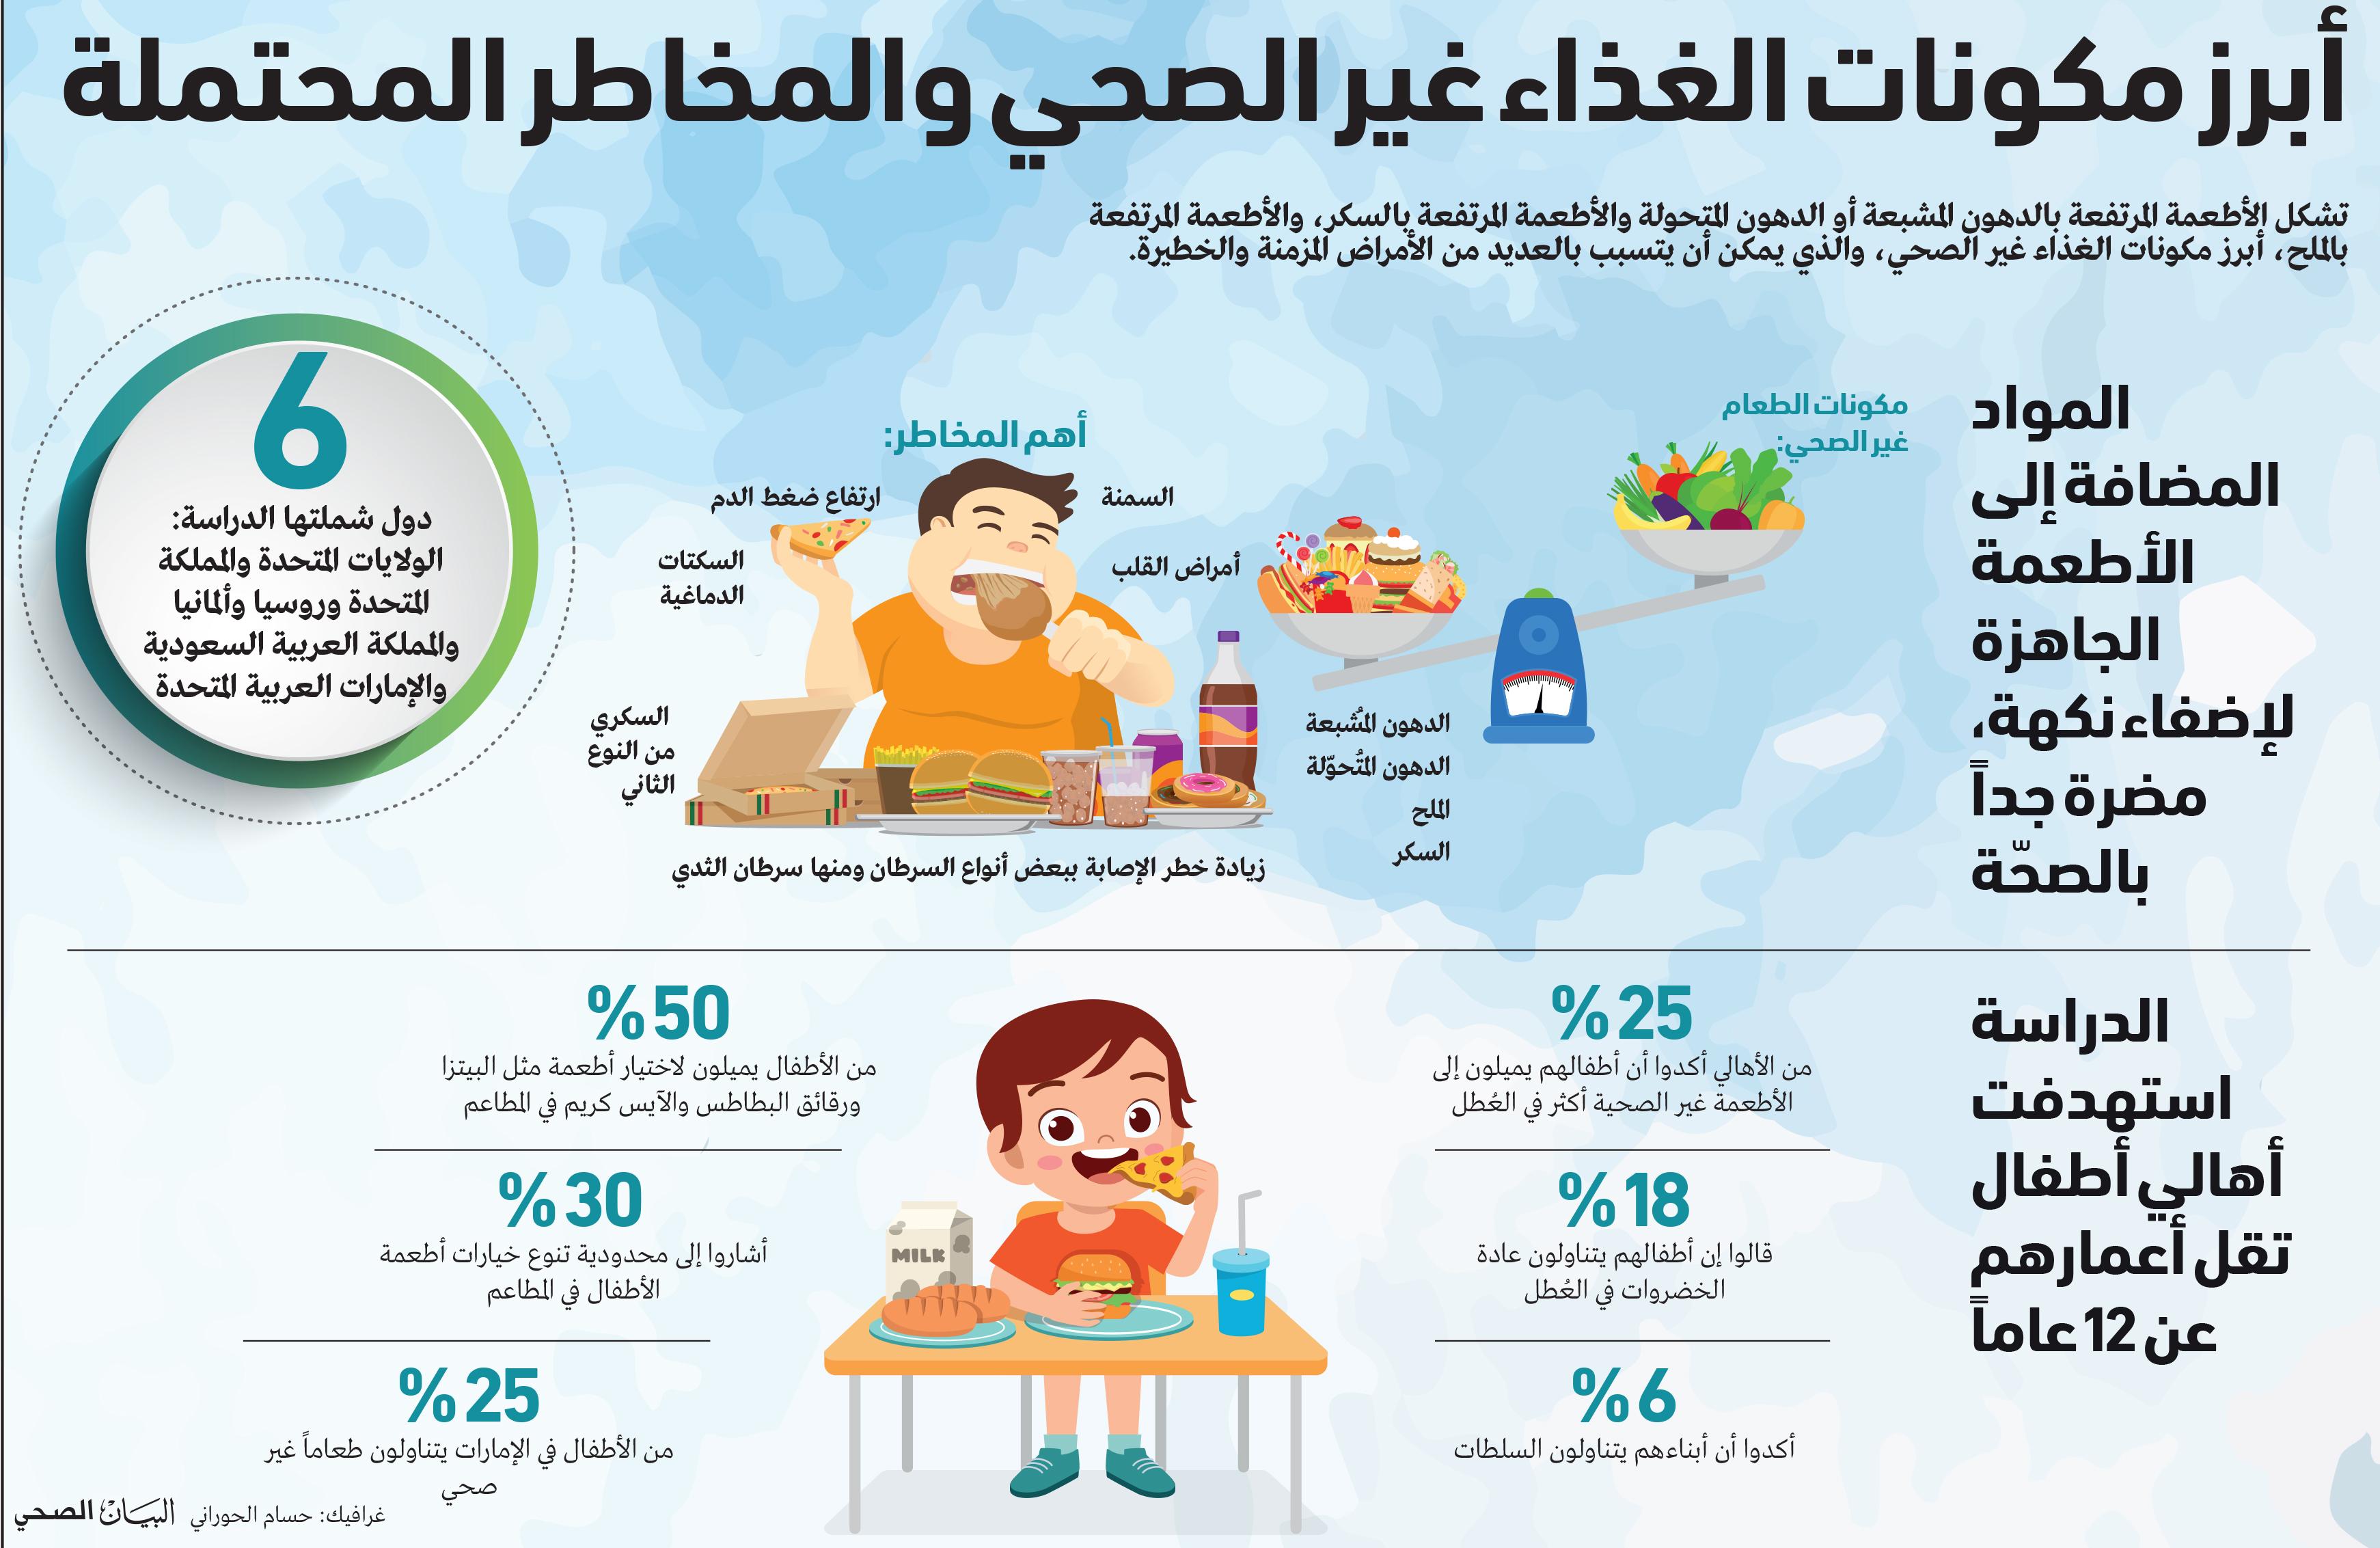 عادات الغذاء اتباع الأنماط الصحية تحد يواجه الأسر البيان الصحي ملف العدد البيان